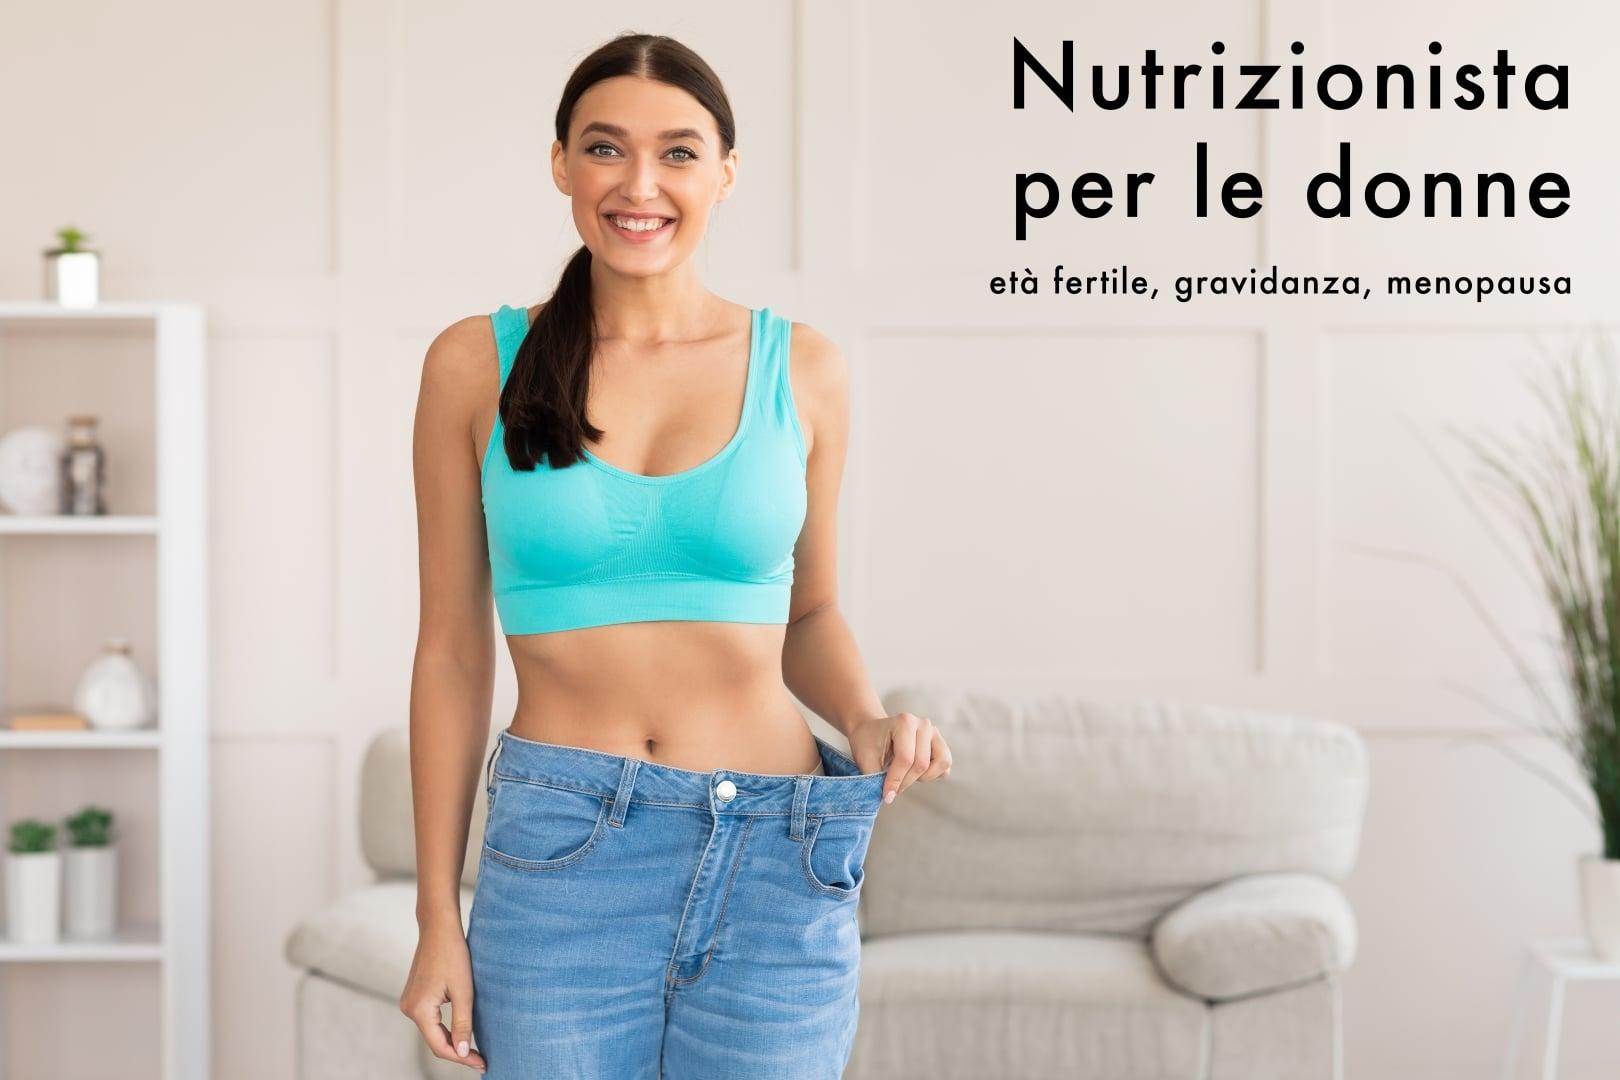 Nutrizionista A Bari Per Le Donne Dall Eta Fertile Alla Menopausa